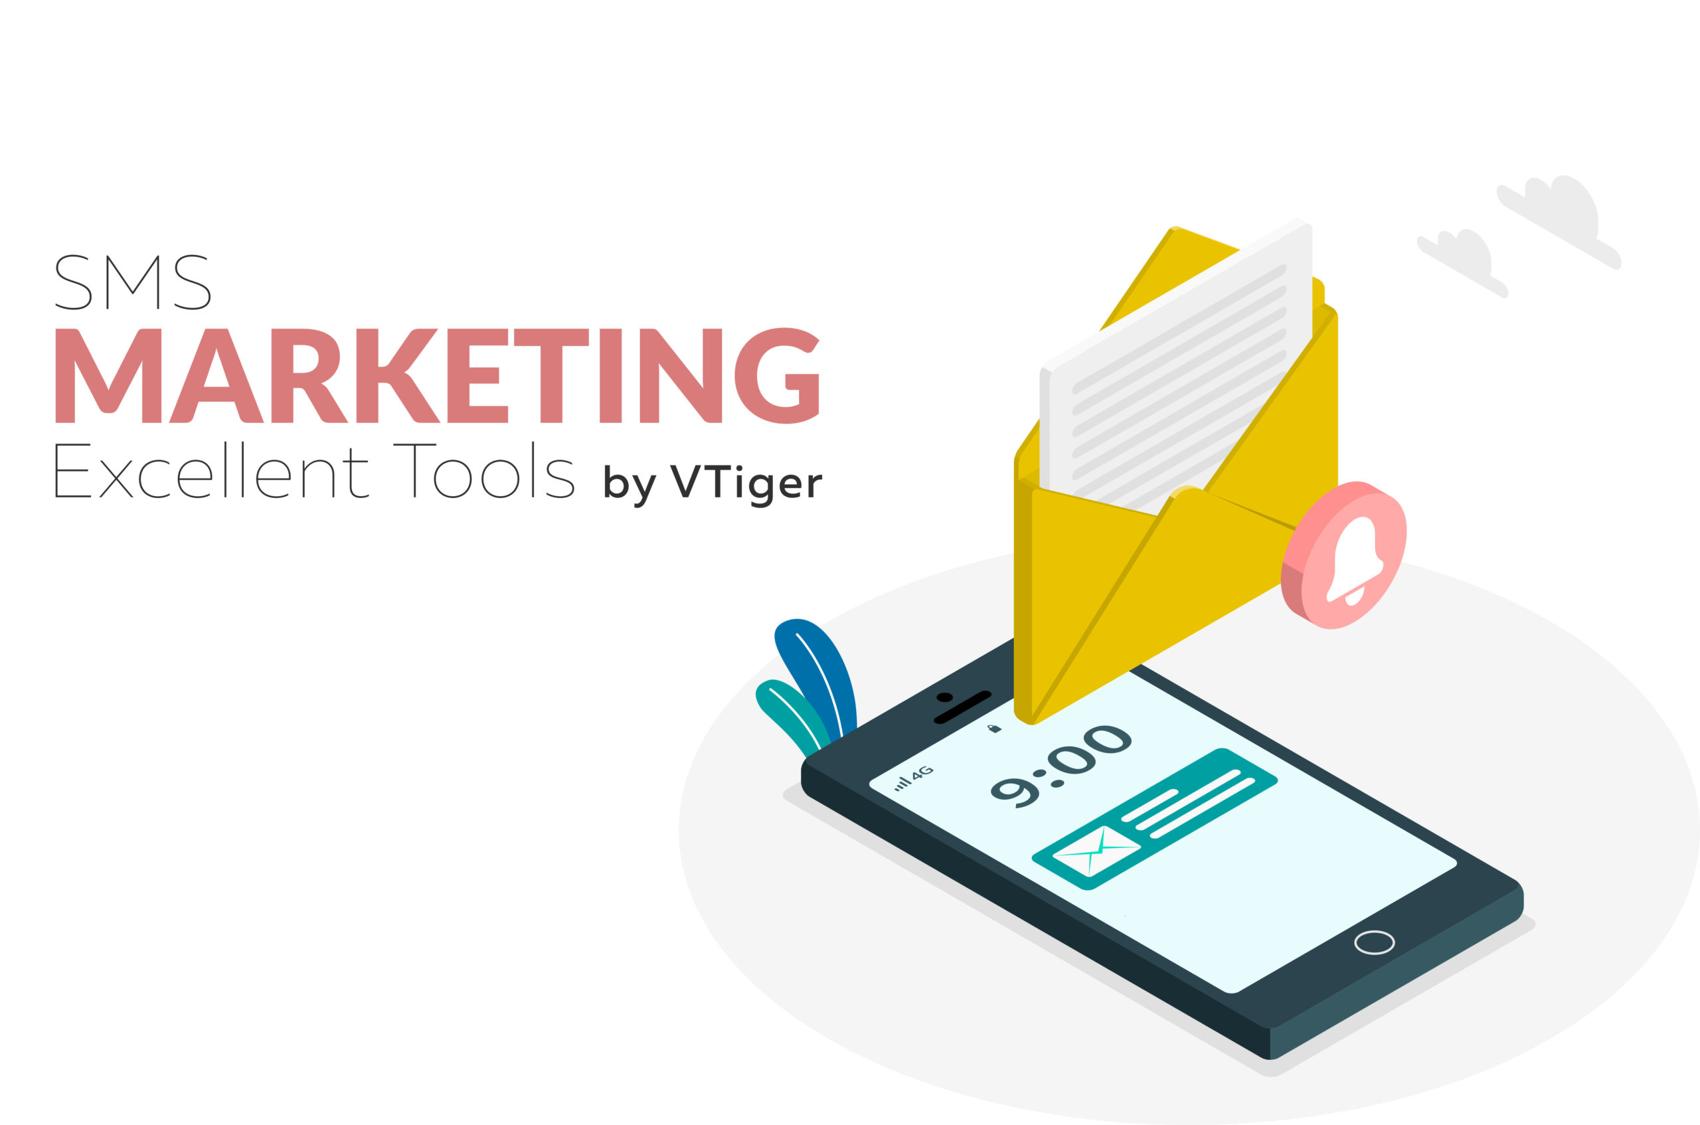 Vtiger cung cấp công cụ hỗ trợ đắc lực cho SMS Marketing